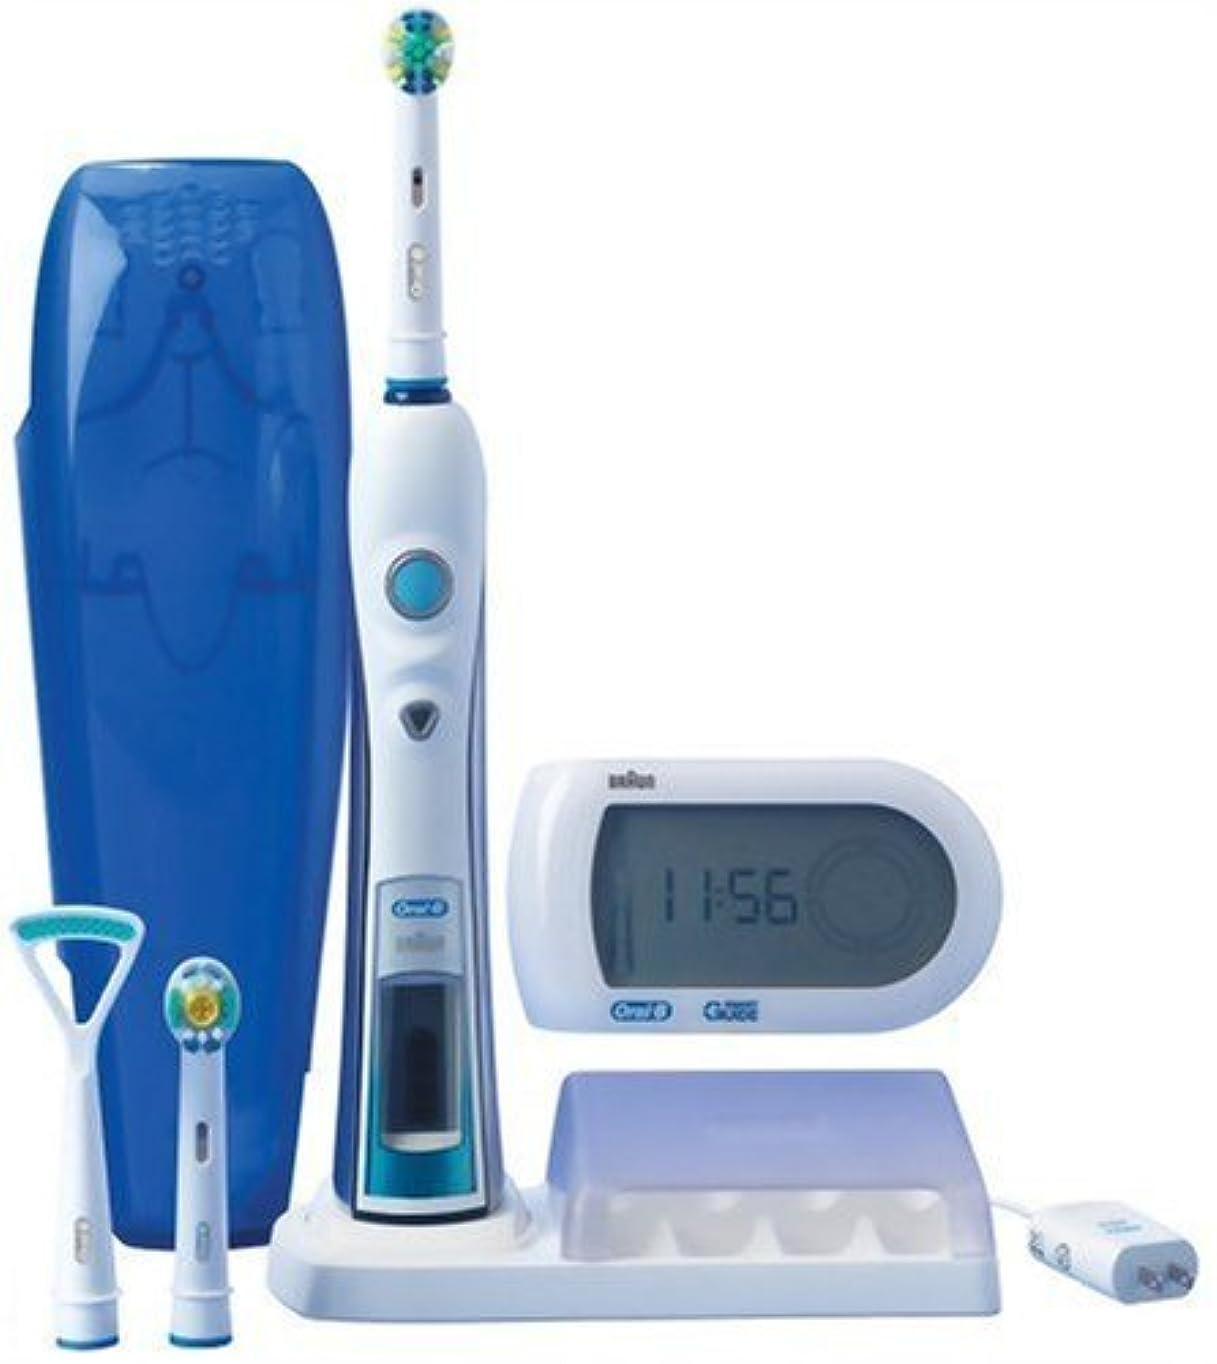 気分わずらわしい競うブラウン オーラルB 電動歯ブラシ 多機能ハイグレードモデル 歯磨きナビ付 D325365X